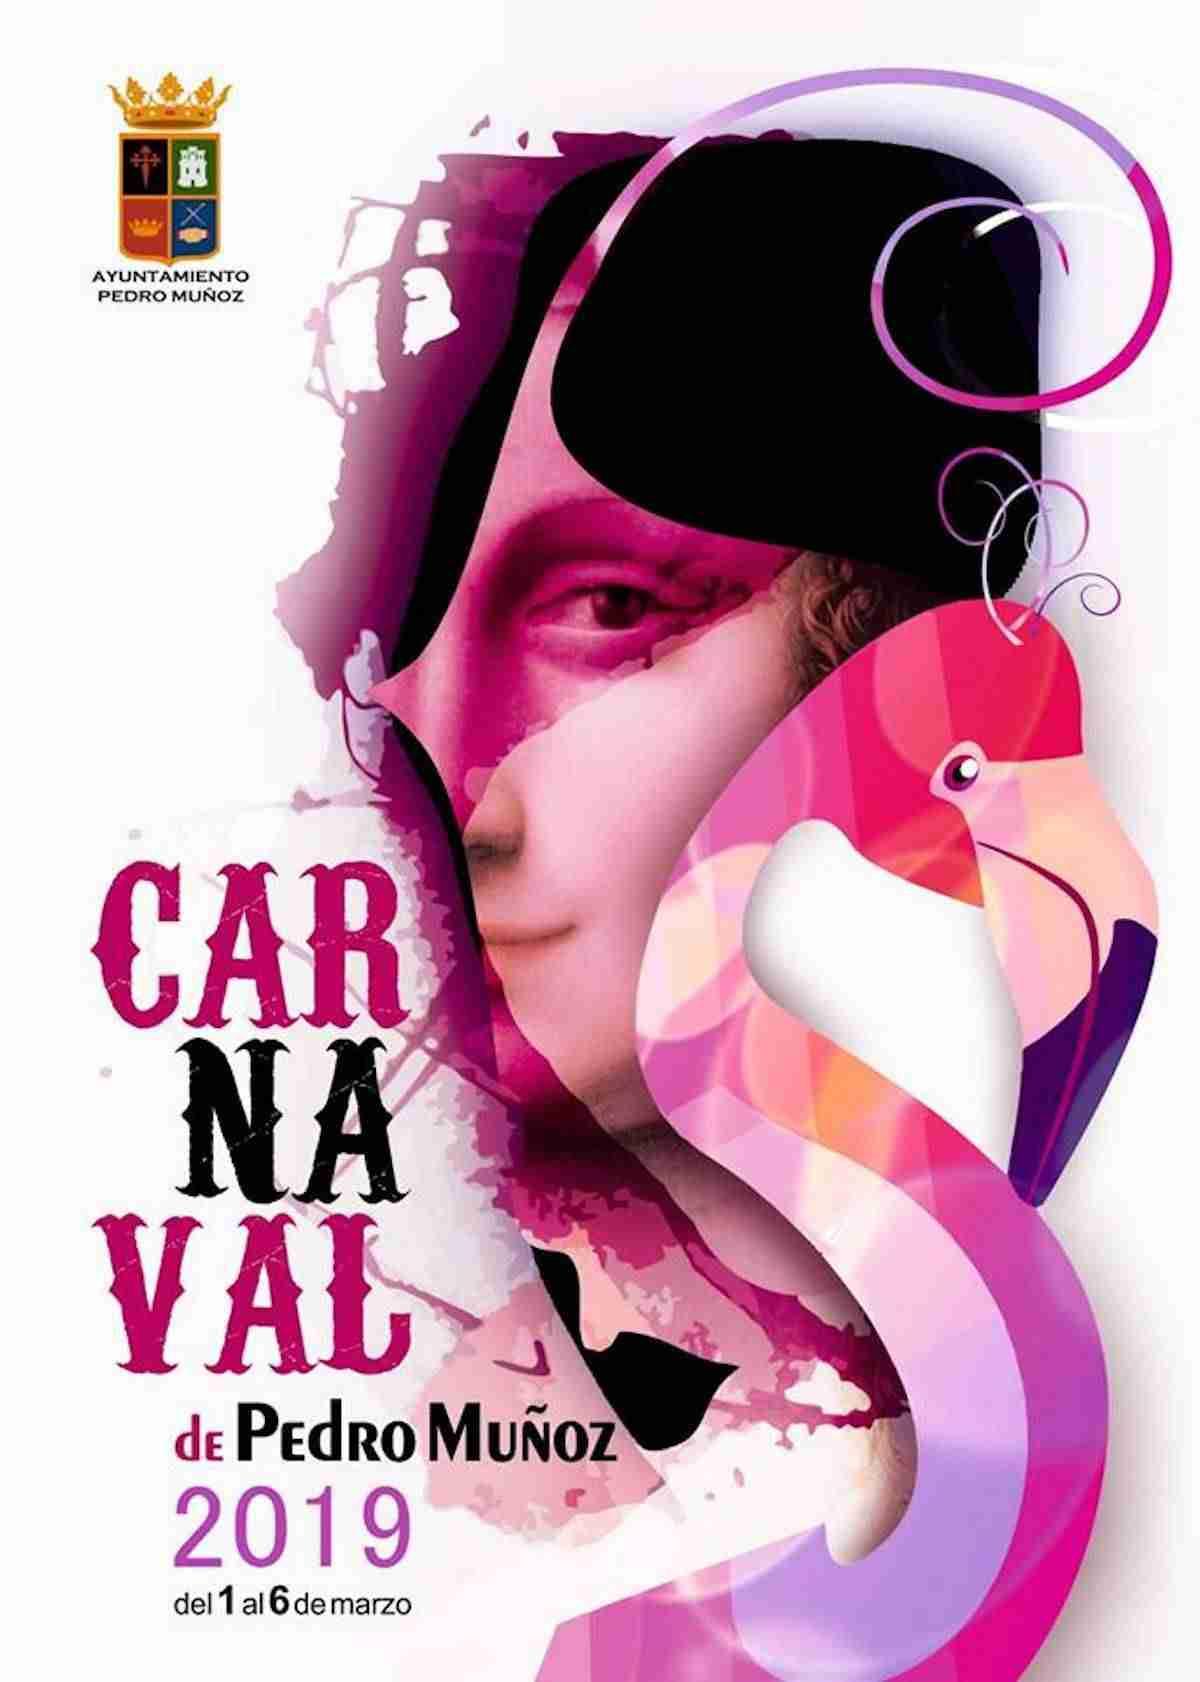 Francisco García gana el concurso del Cartel de Carnaval de Pedro Muñoz 2019 3